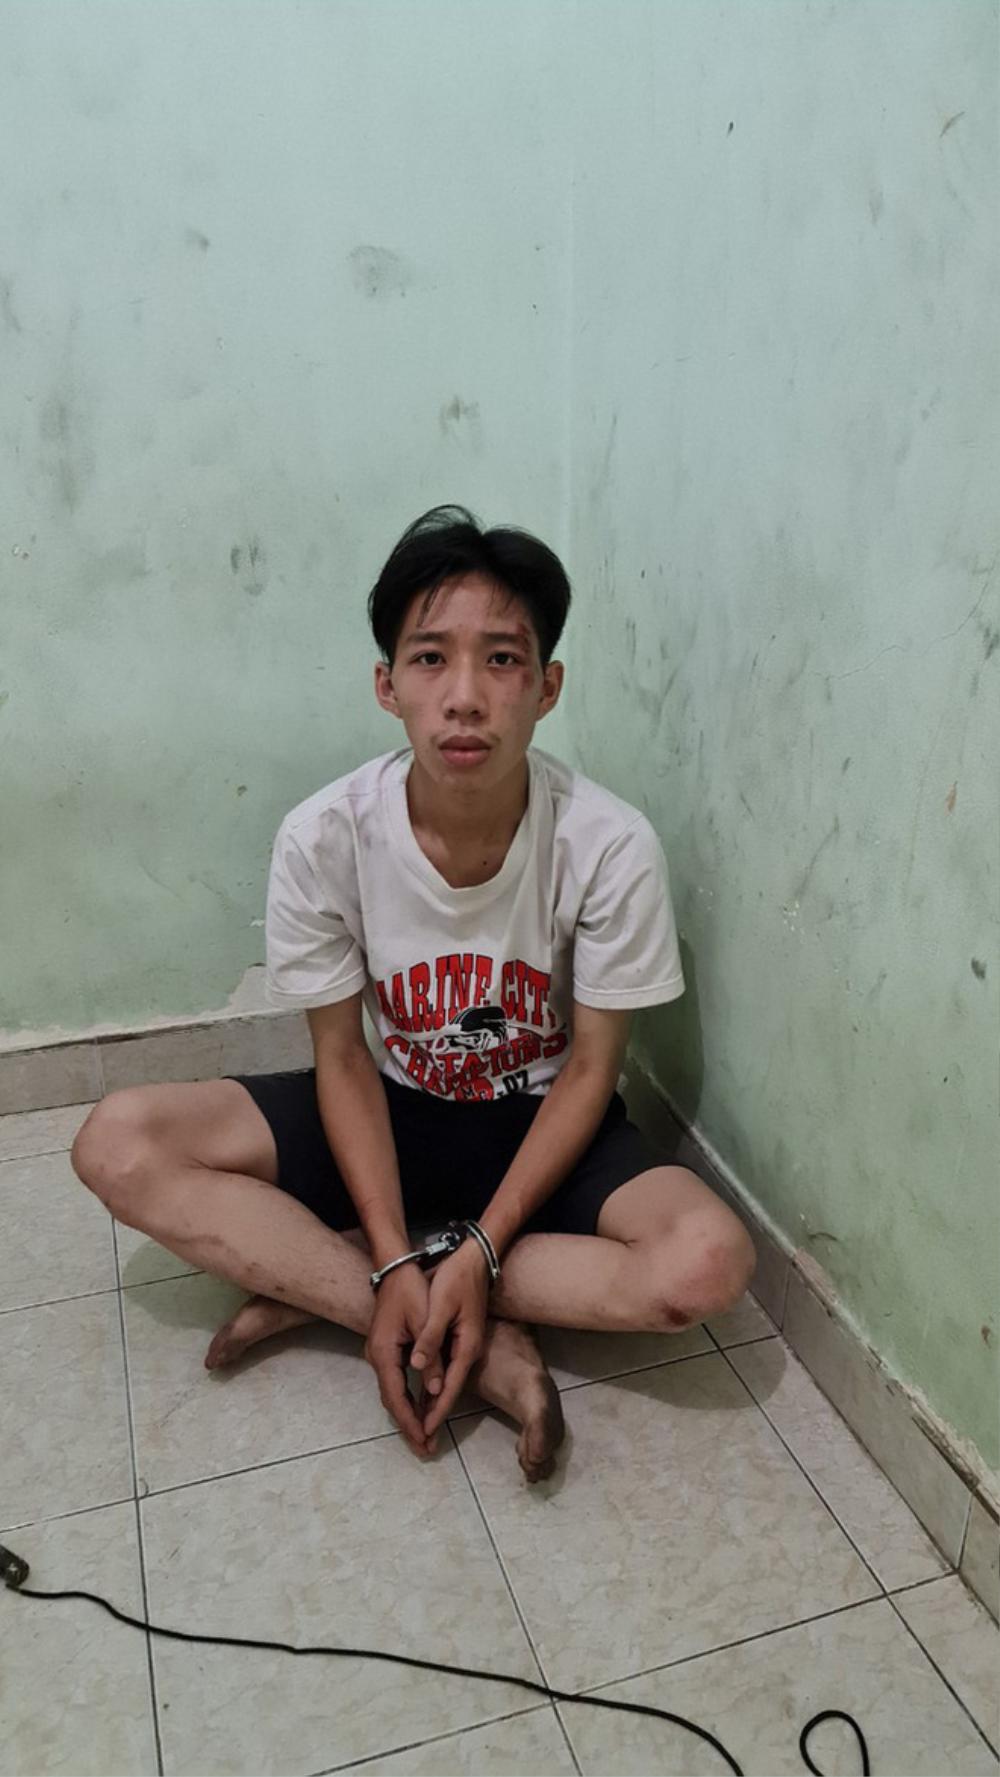 Nam thanh niên cầm dao gí vào cổ tài xế xe buýt yêu cầu chở đi miền Tây để trốn gia đình Ảnh 1